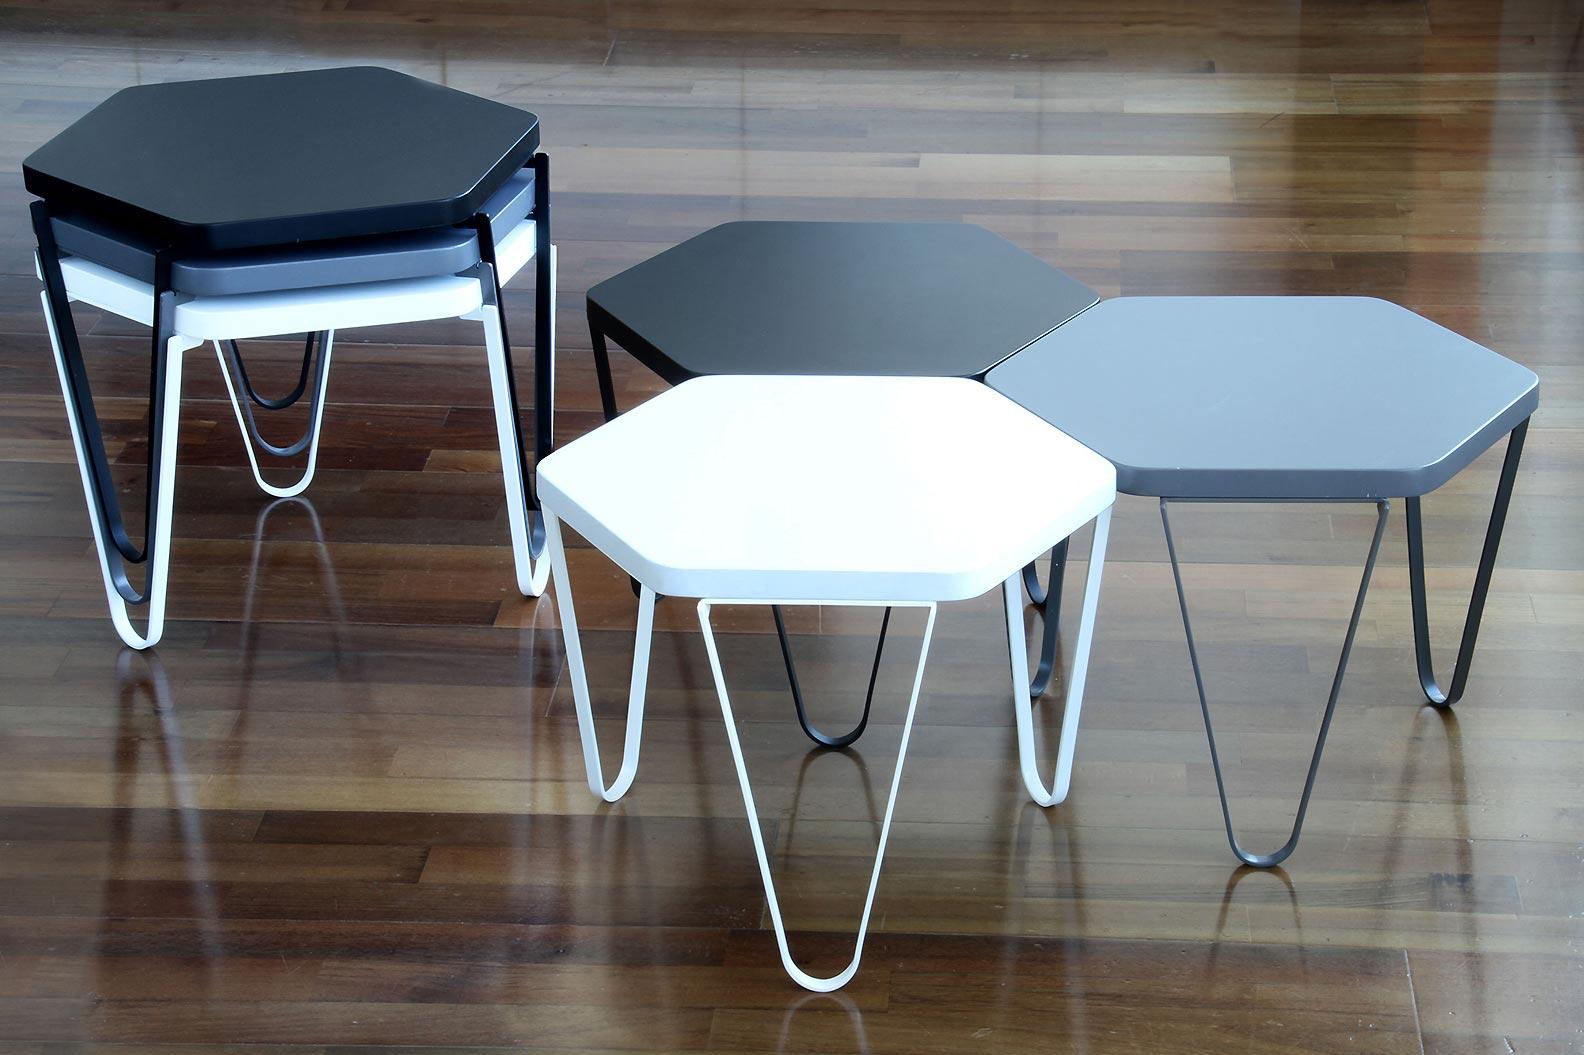 2017-Web-V1-table-3